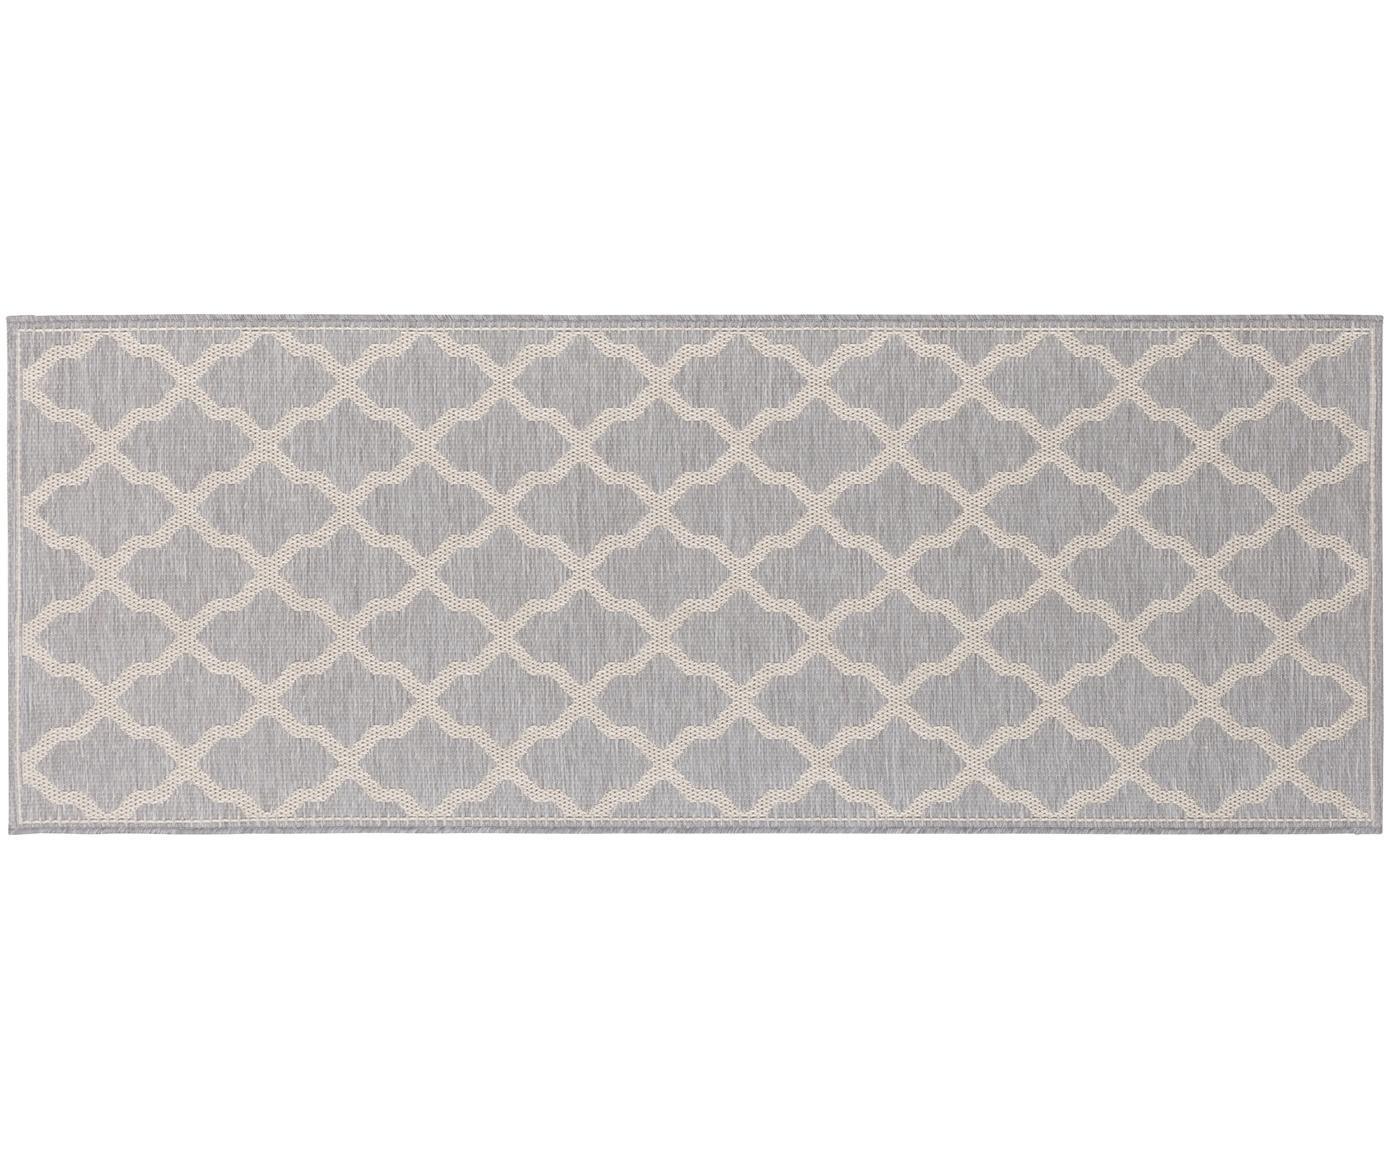 Chodnik wewnętrzny/zewnętrzny Heaven, Srebrnoszary, kremowy, S 76 x D 200 cm